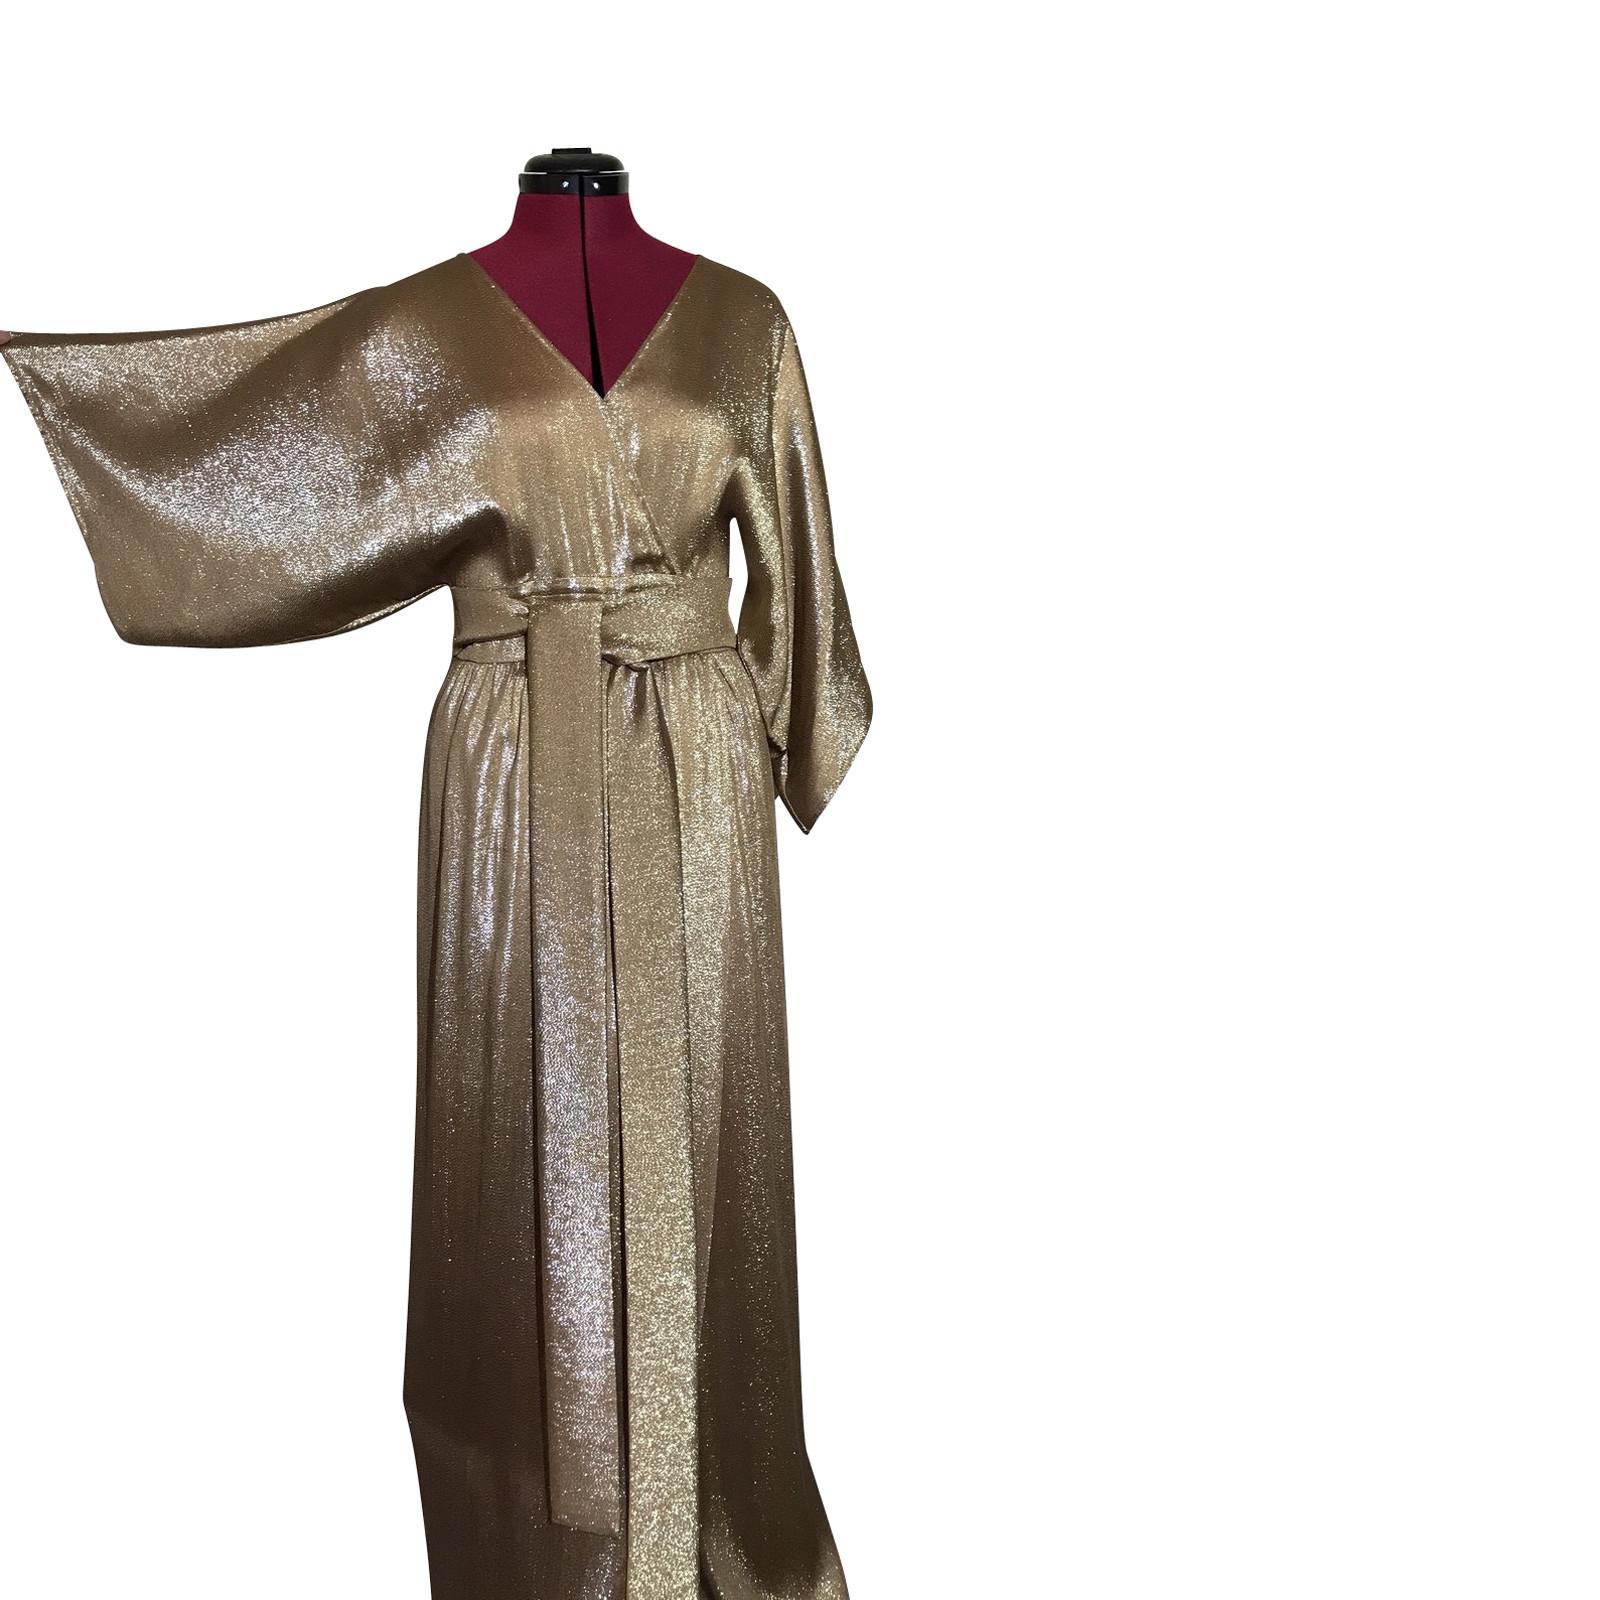 Abiti Da Sera Gucci.Gucci Abito Da Sera Stile Kimono Second Hand Gucci Abito Da Sera